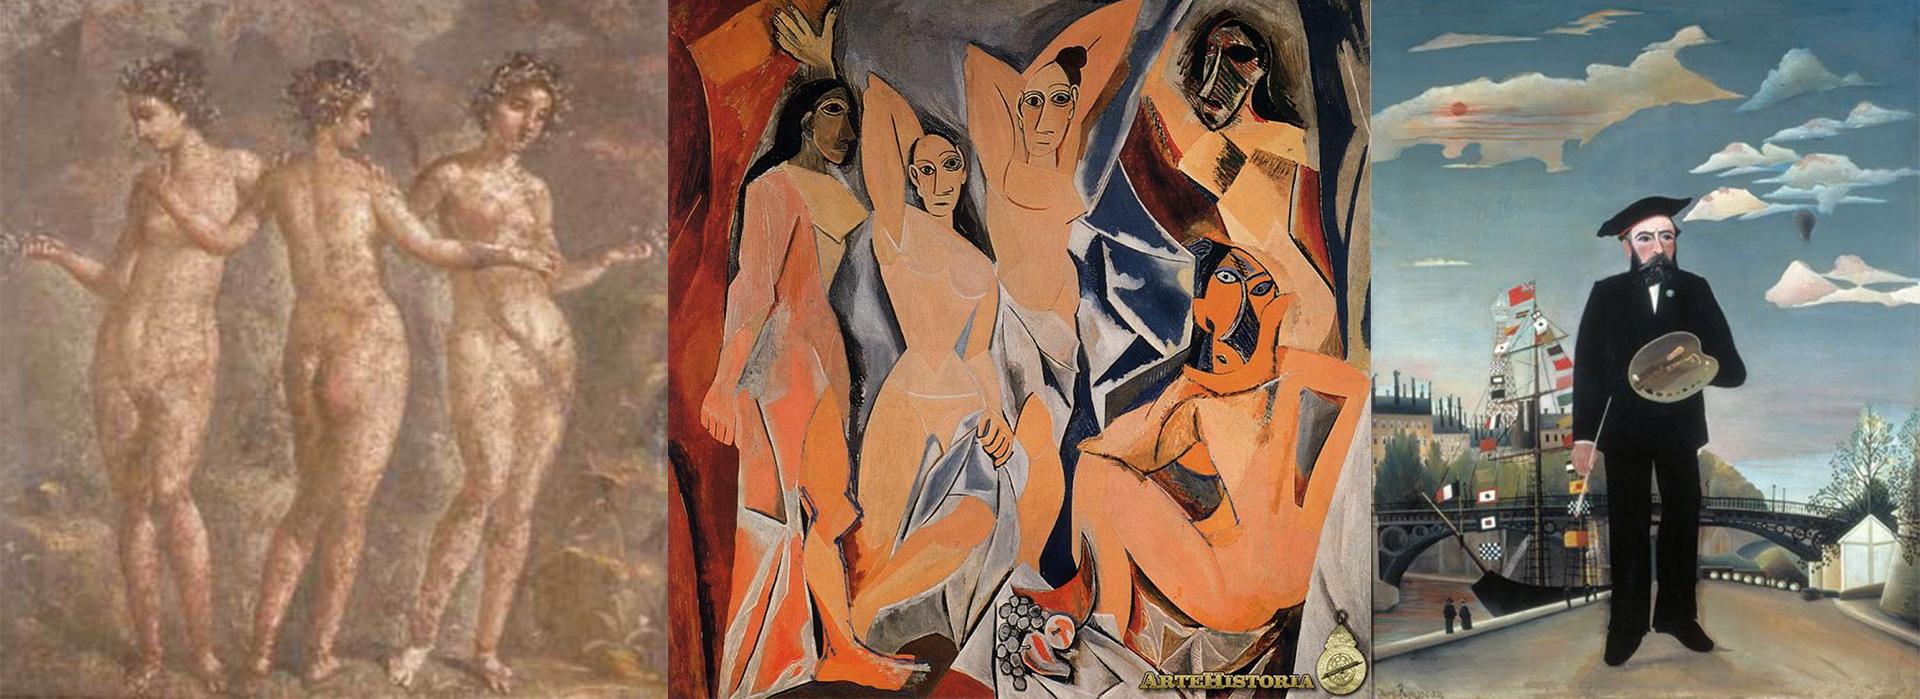 """Fresco de Pompeya; """"Las señoritas de Avignon"""", de Picasso, y """"Yo mismo - retrato de paisaje"""", de Rousseau"""